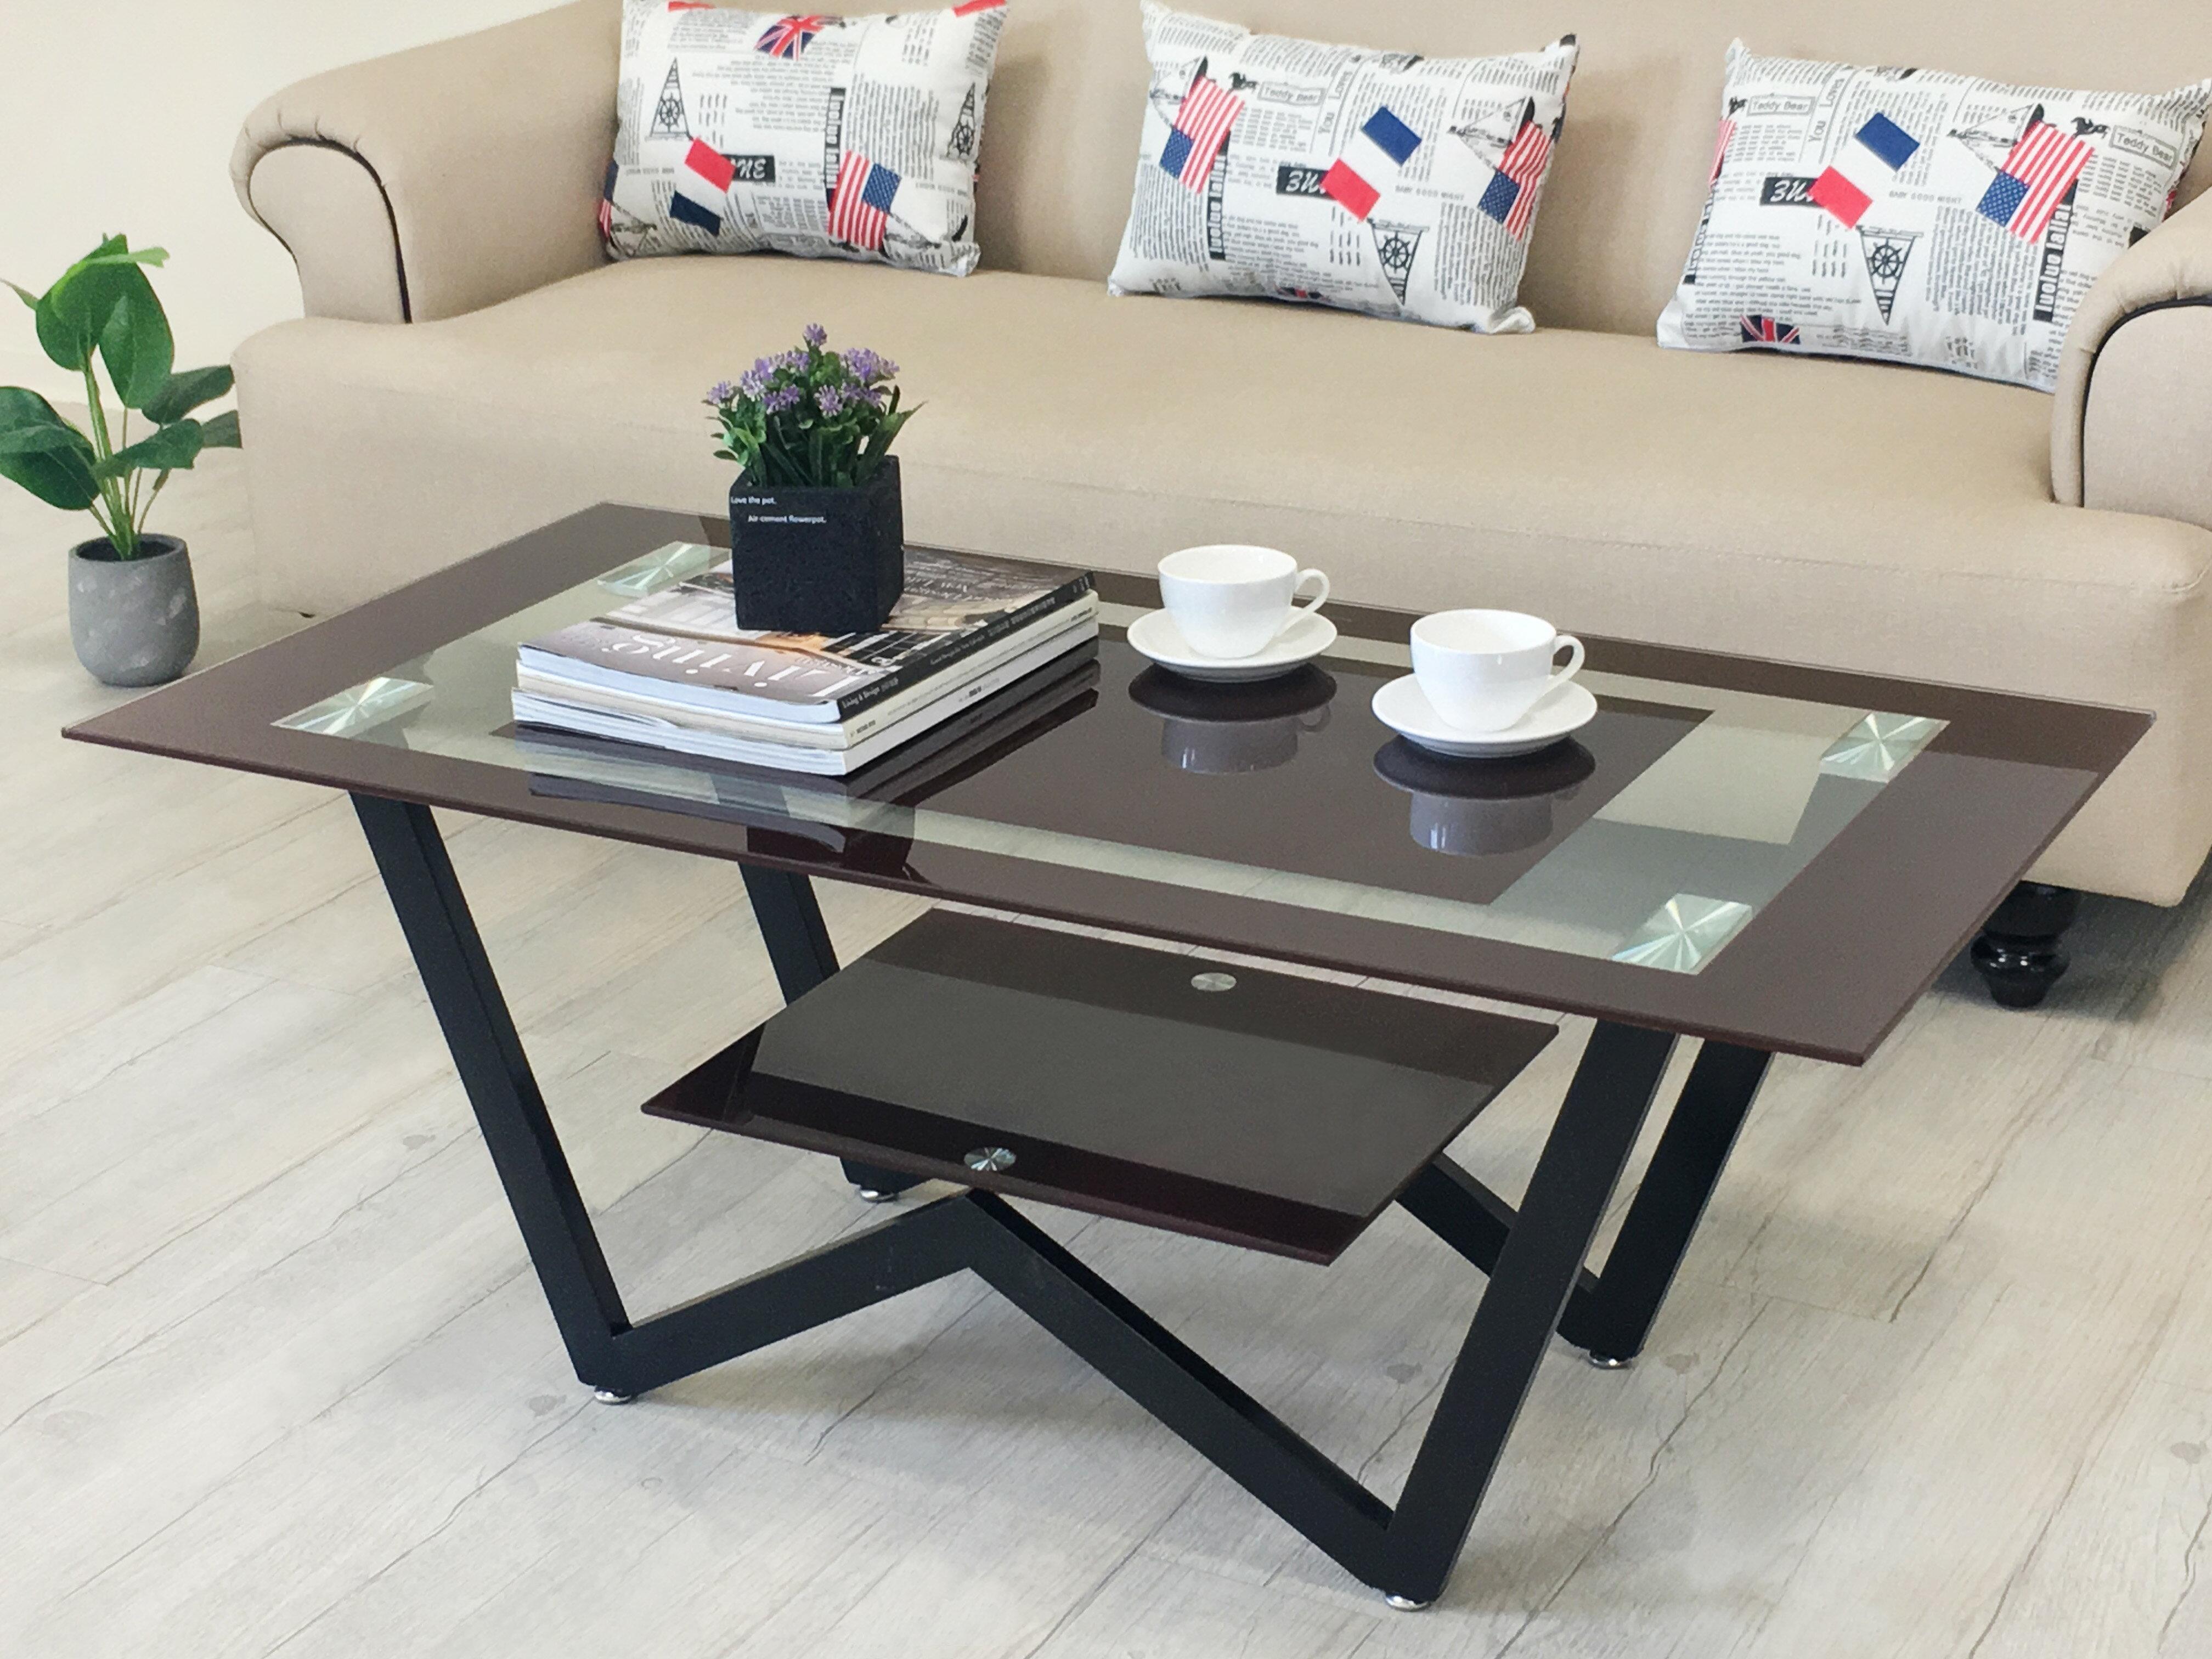 《達芙妮》大茶几 強化玻璃 不銹鋼腳 玻璃茶几 置物 !新生活家具! 樂天雙12 0